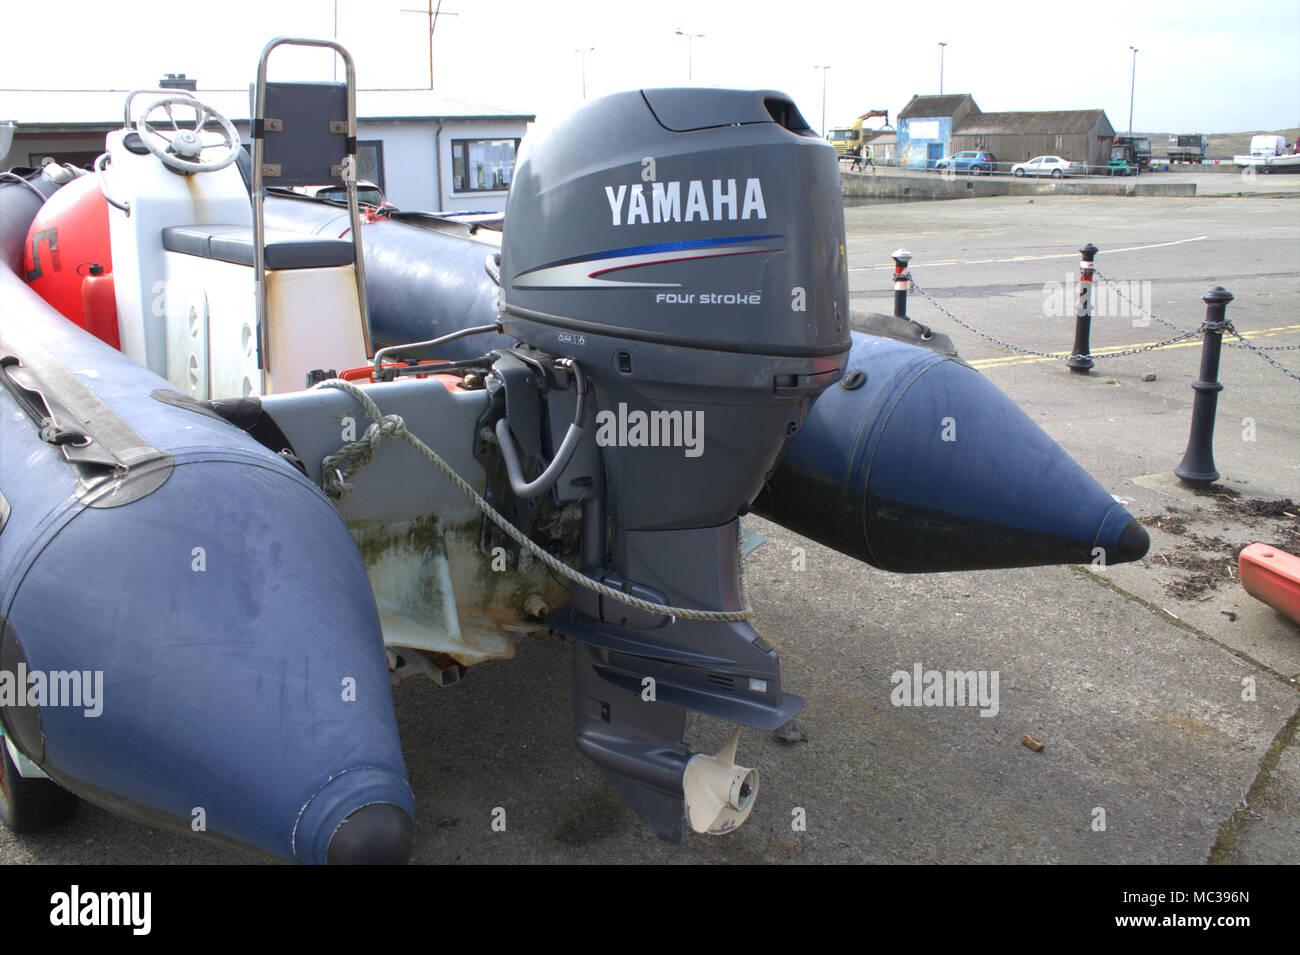 Yamaha Engine Stock Photos & Yamaha Engine Stock Images - Alamy